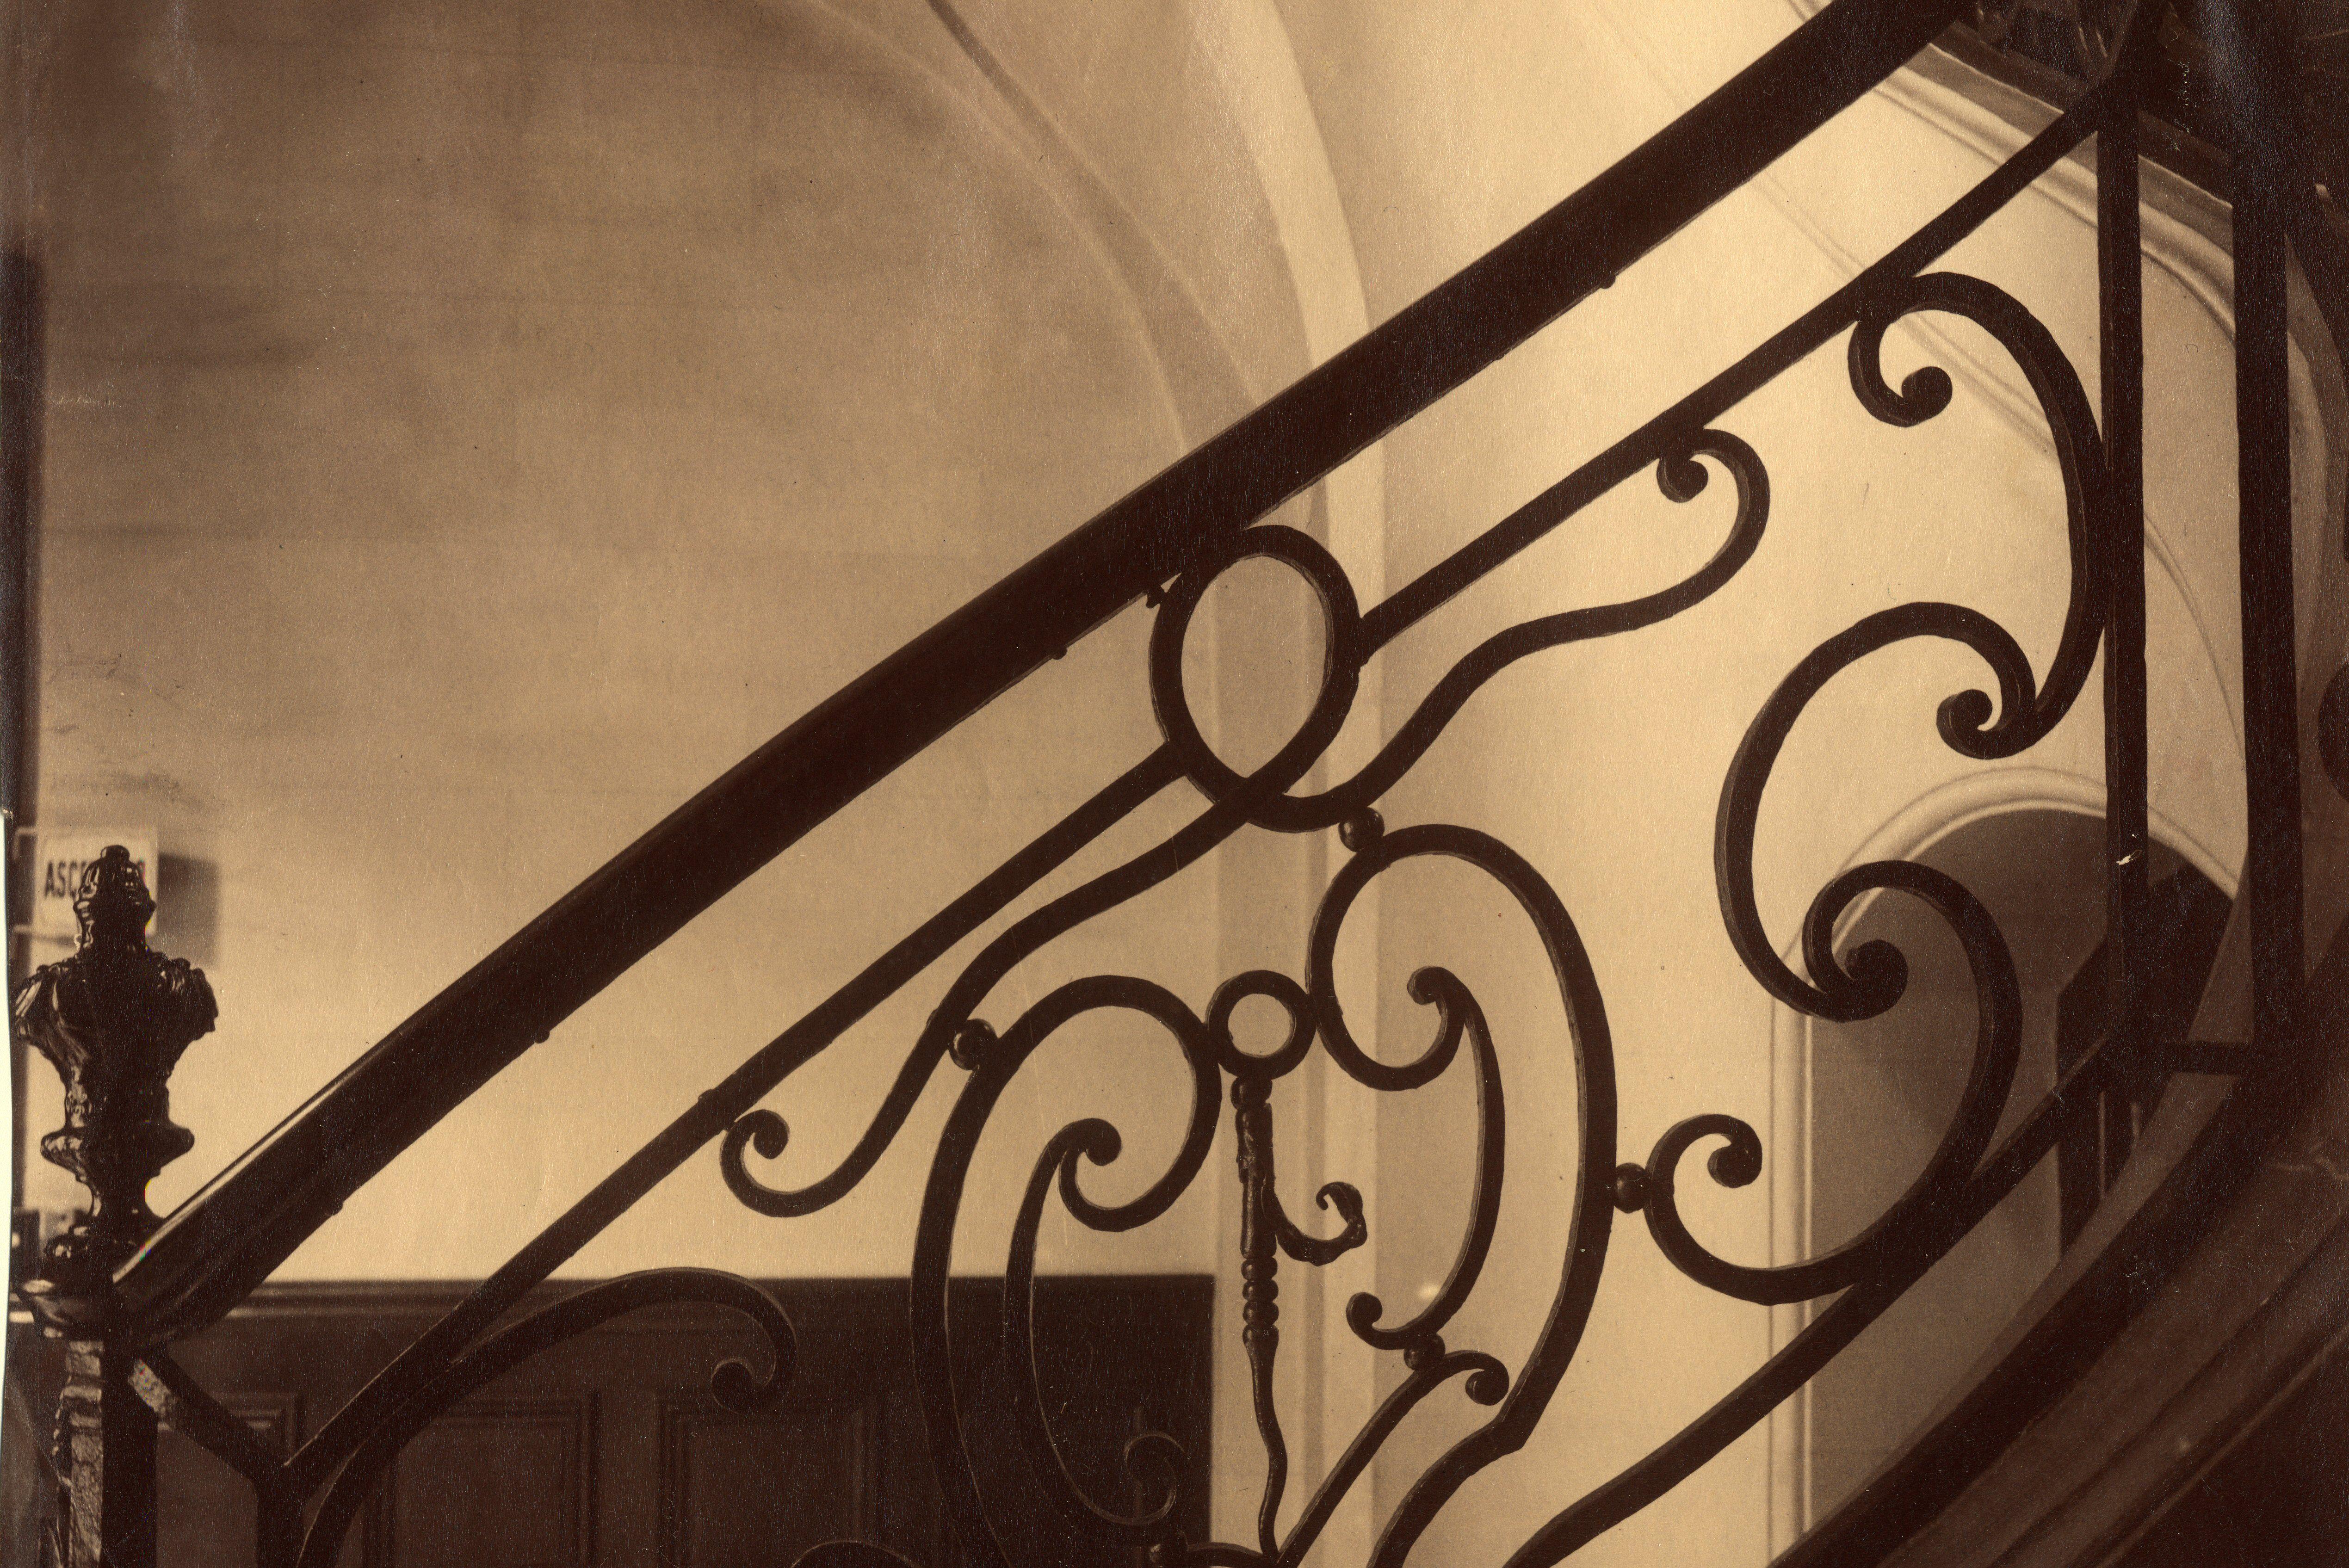 Iron grillwork detail at Hôtel de Bullion (Folie Thoinard de Vougy), 9 rue Coq-Héron. Paris